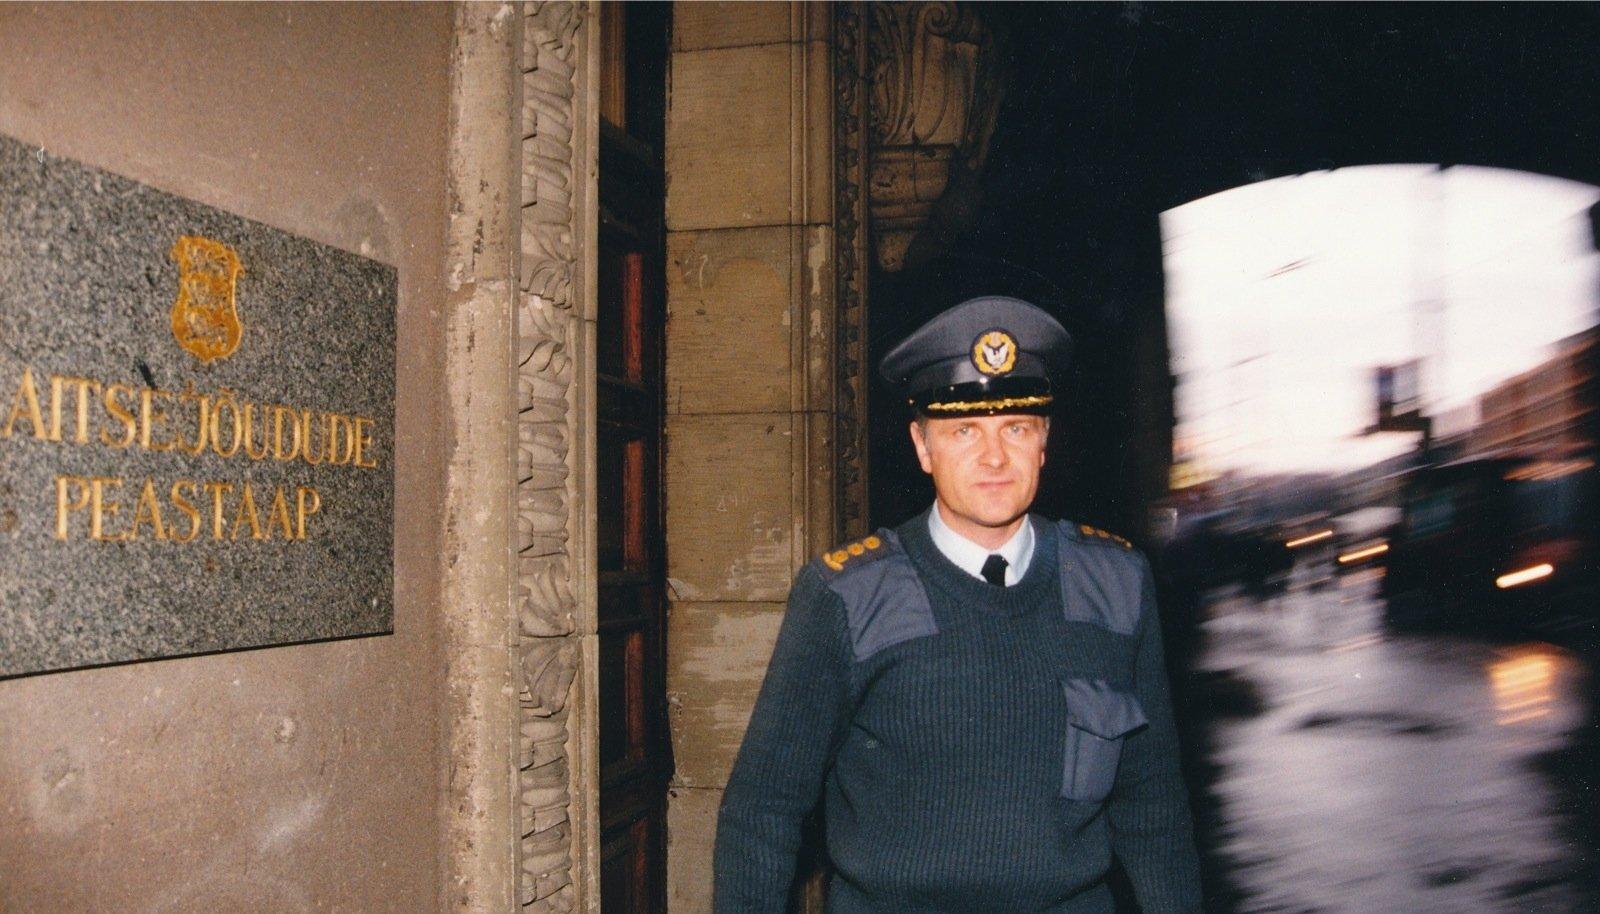 Endise Eesti õhuväe ülema, erus kindralmajori Vello Loemaa sõnul on juhtum tõsine.